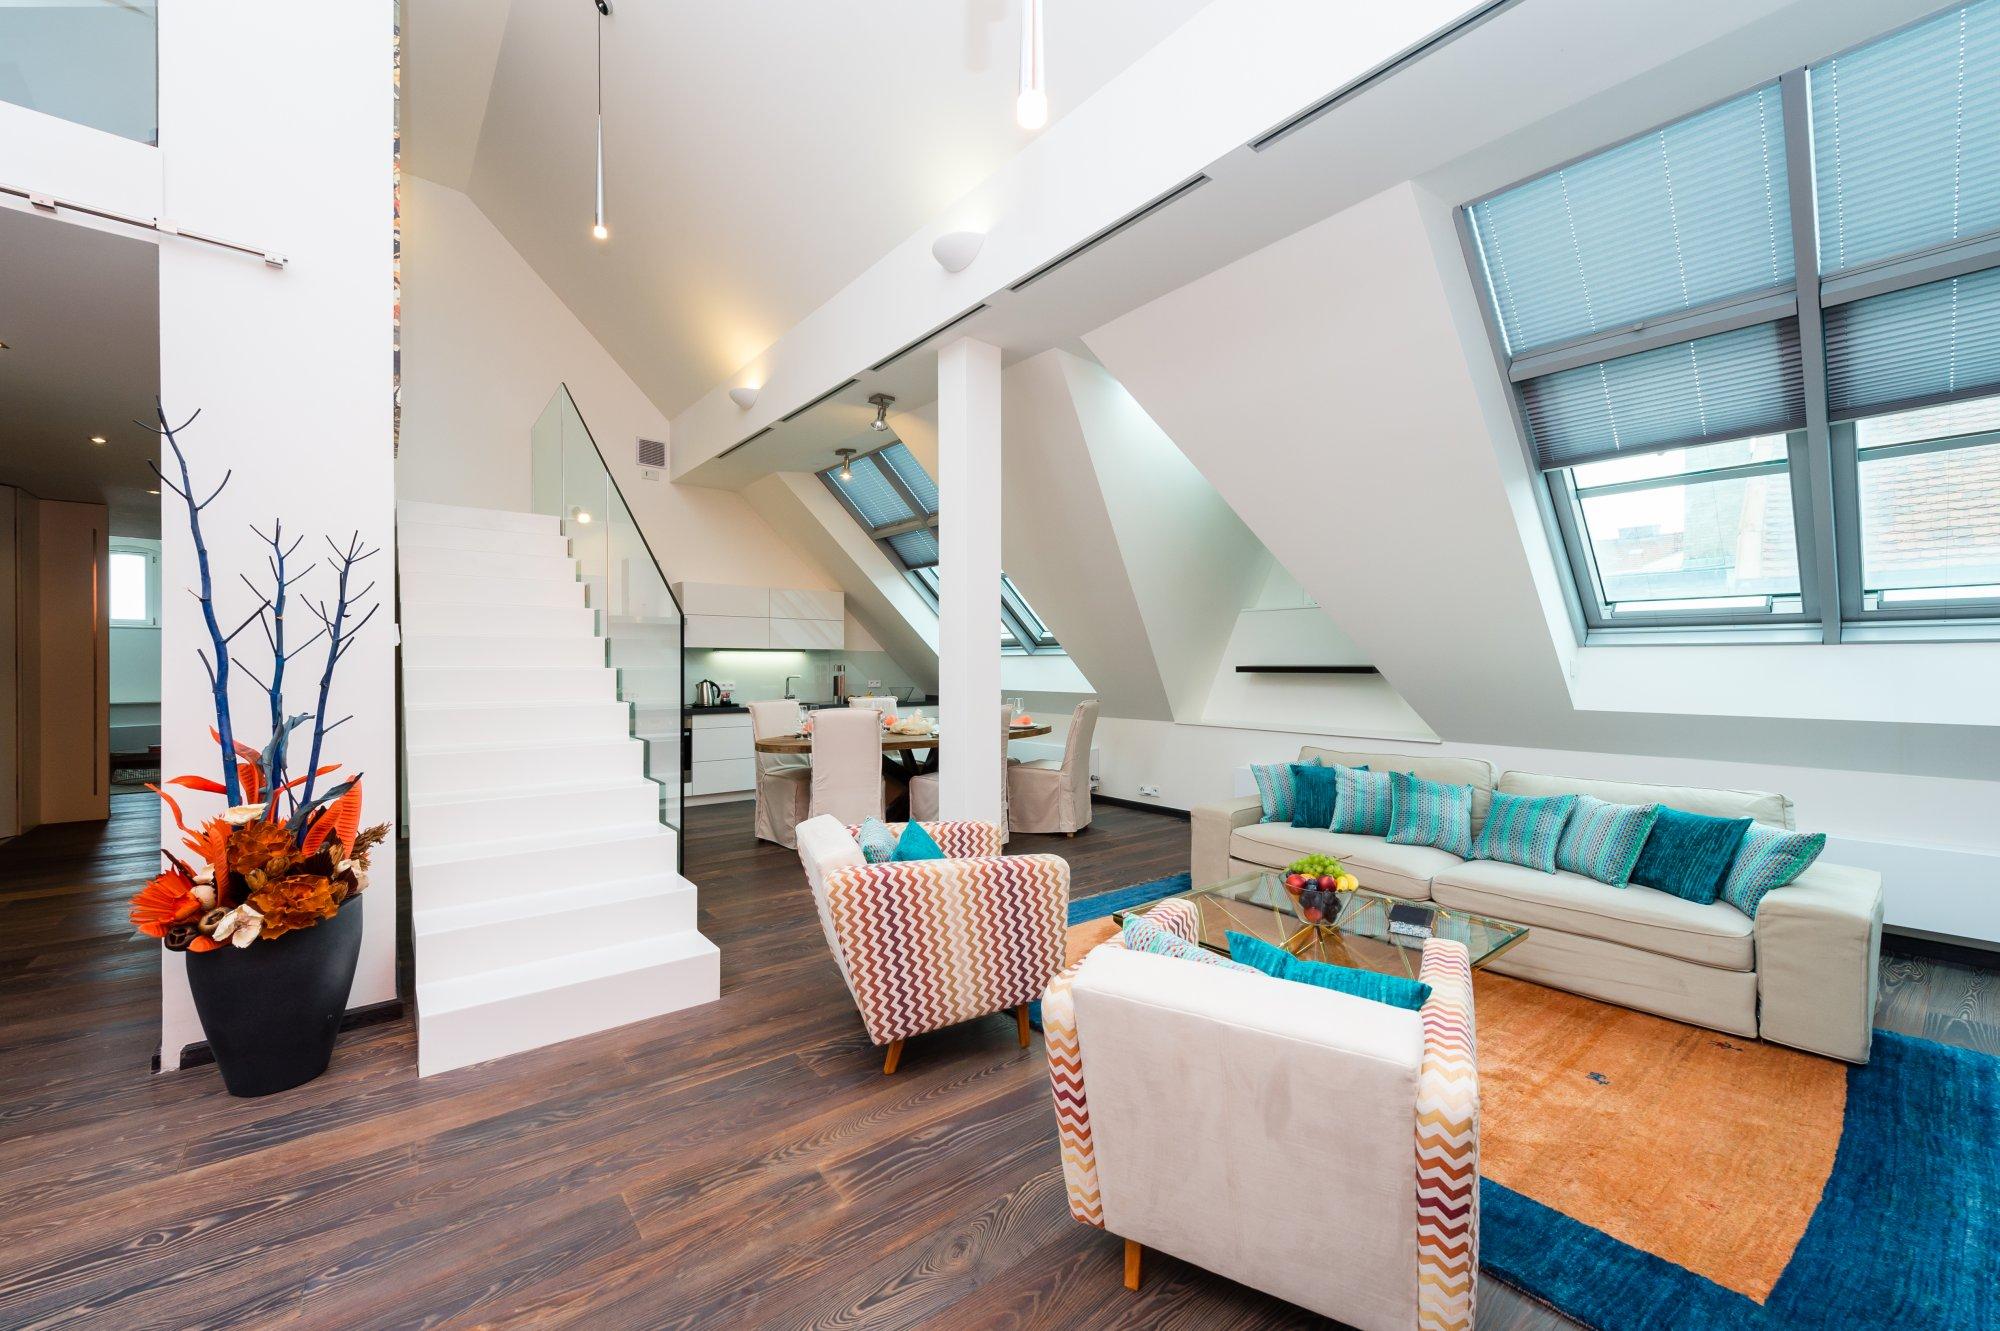 Půdní byt 4+kk, plocha 209 m², ulice Navrátilova, Praha 1 - Nové Město | 1